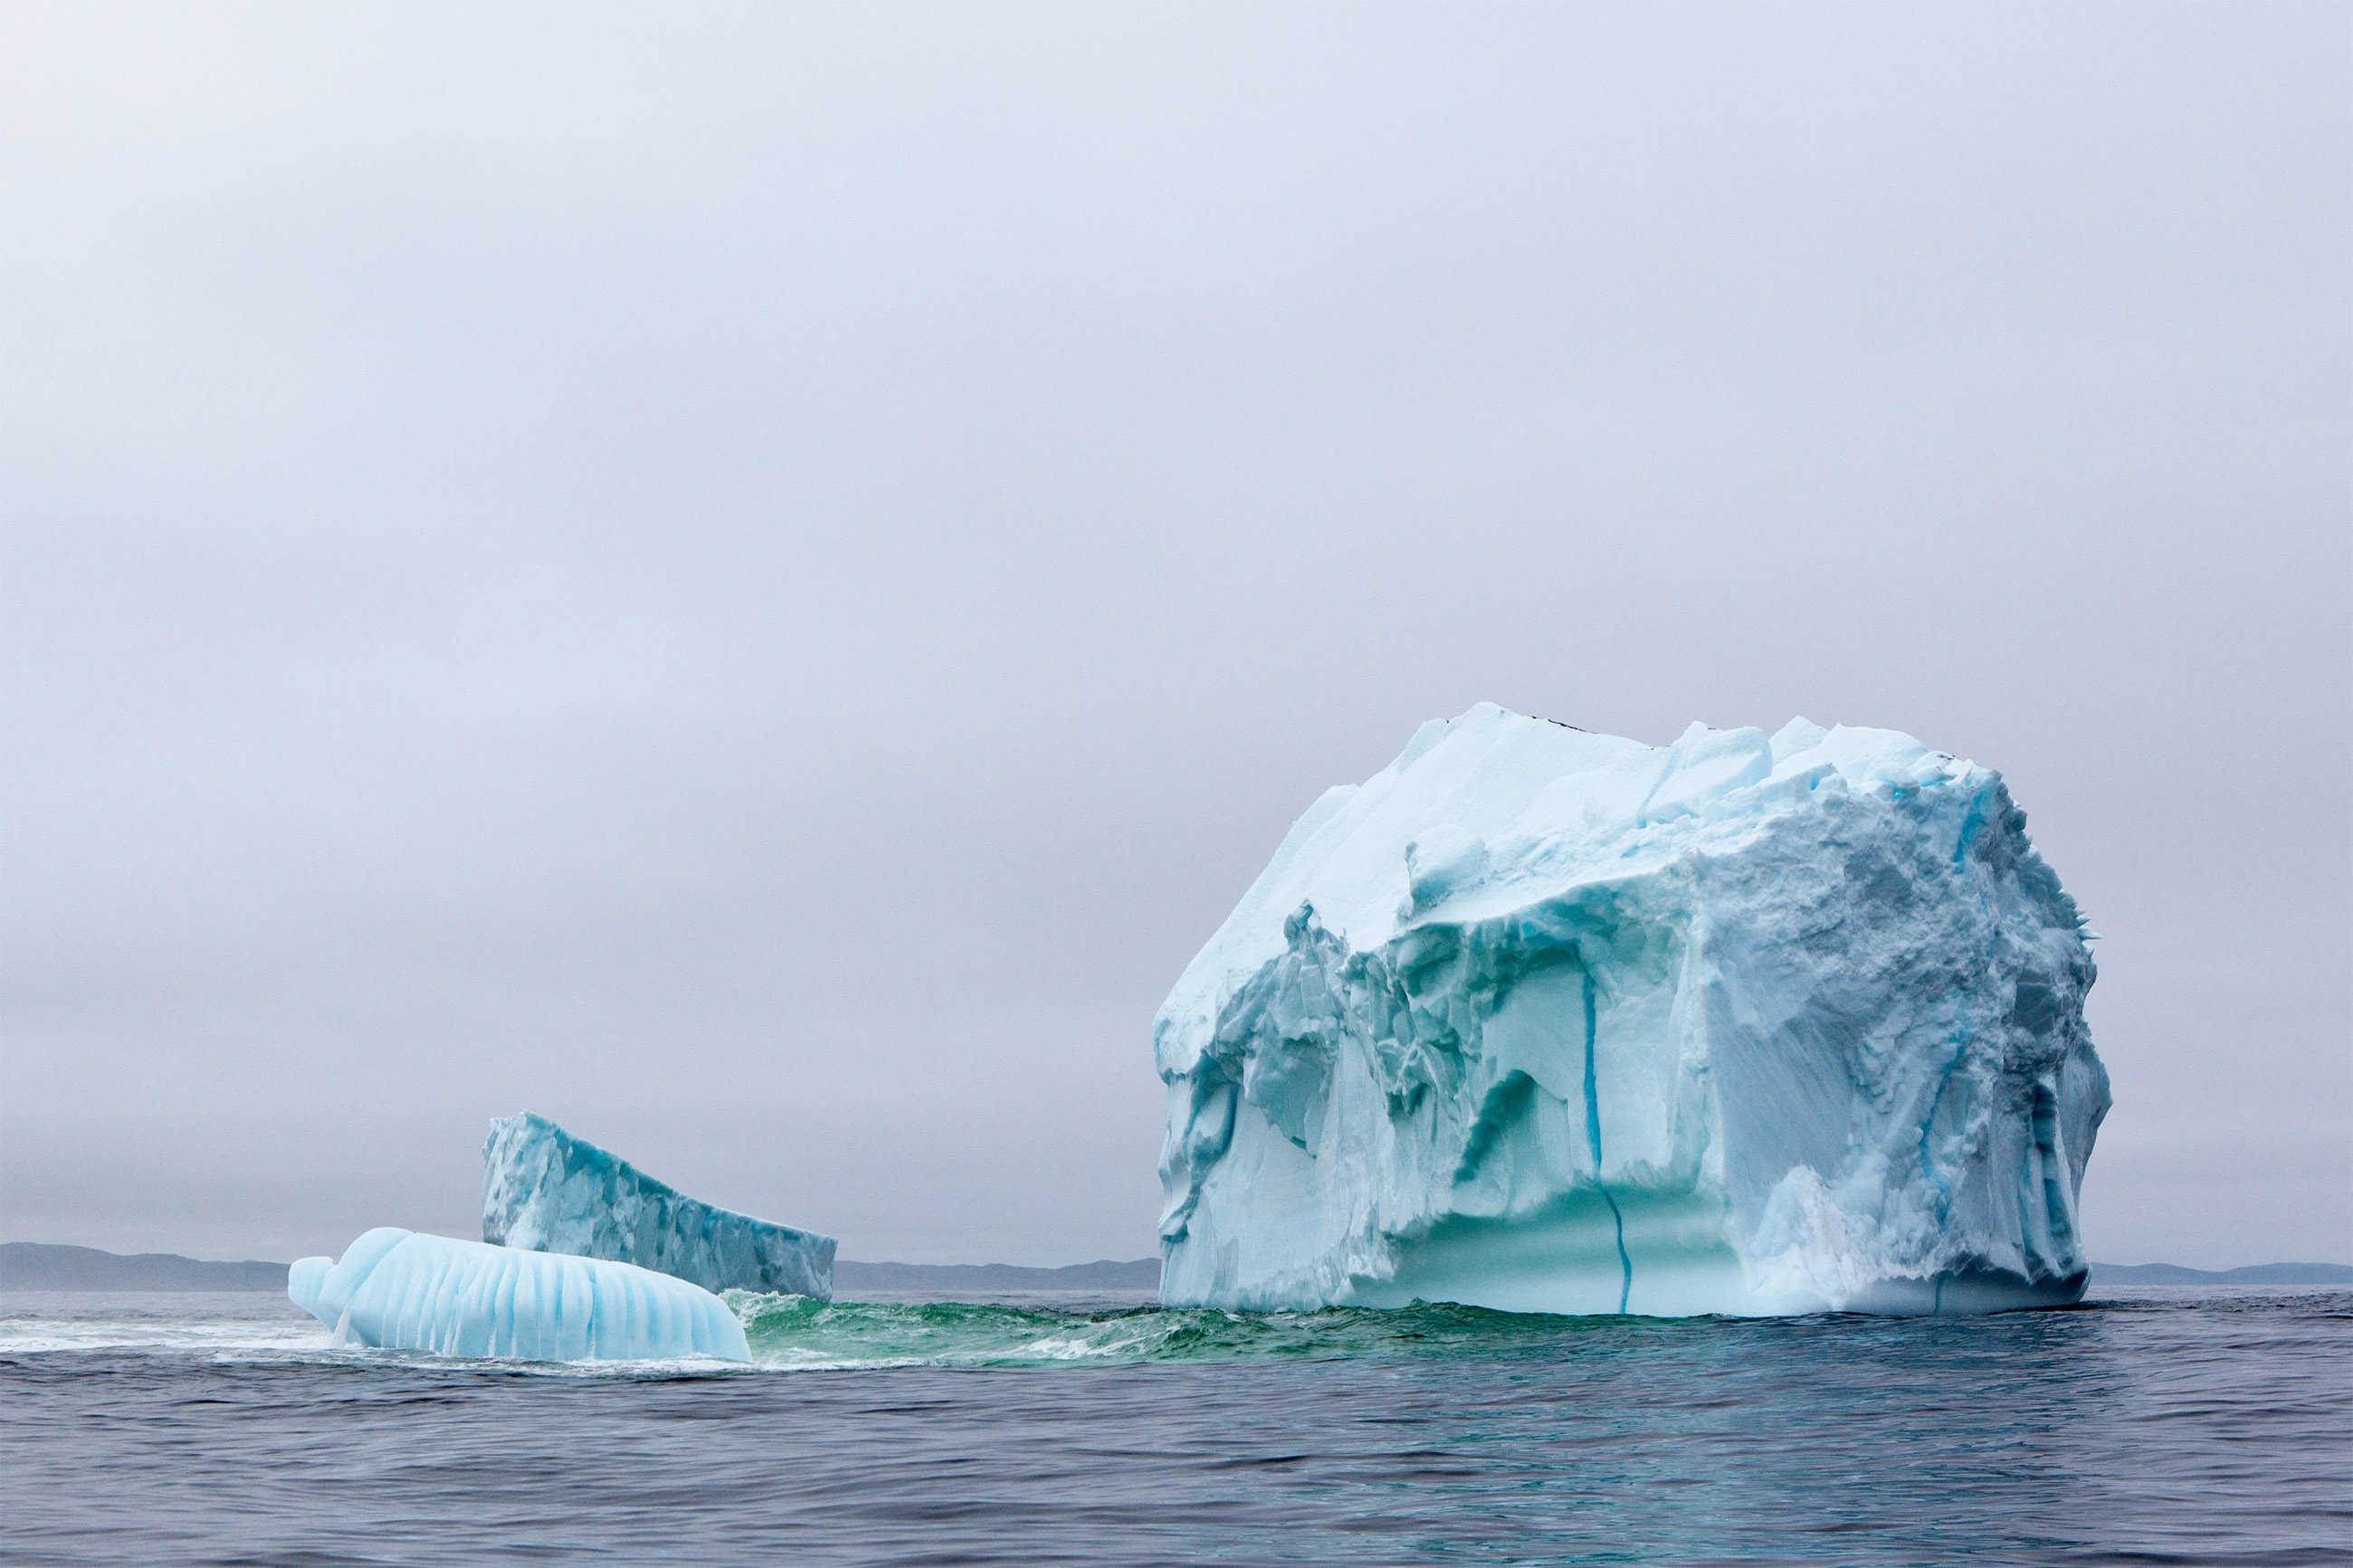 Large iceberg photo